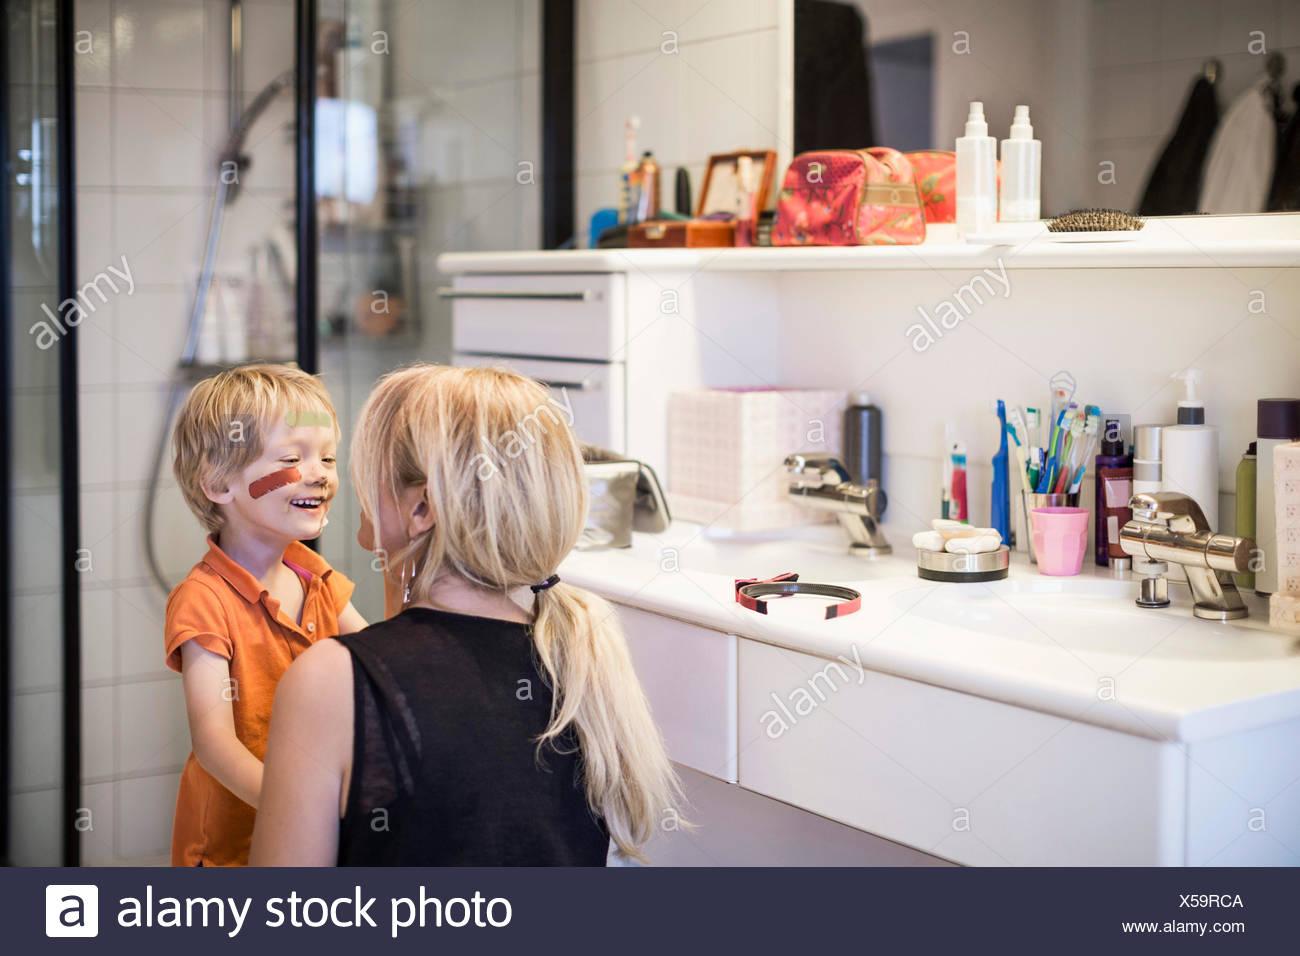 Femme à la recherche du fils au visage blessé dans la salle de bains Photo Stock